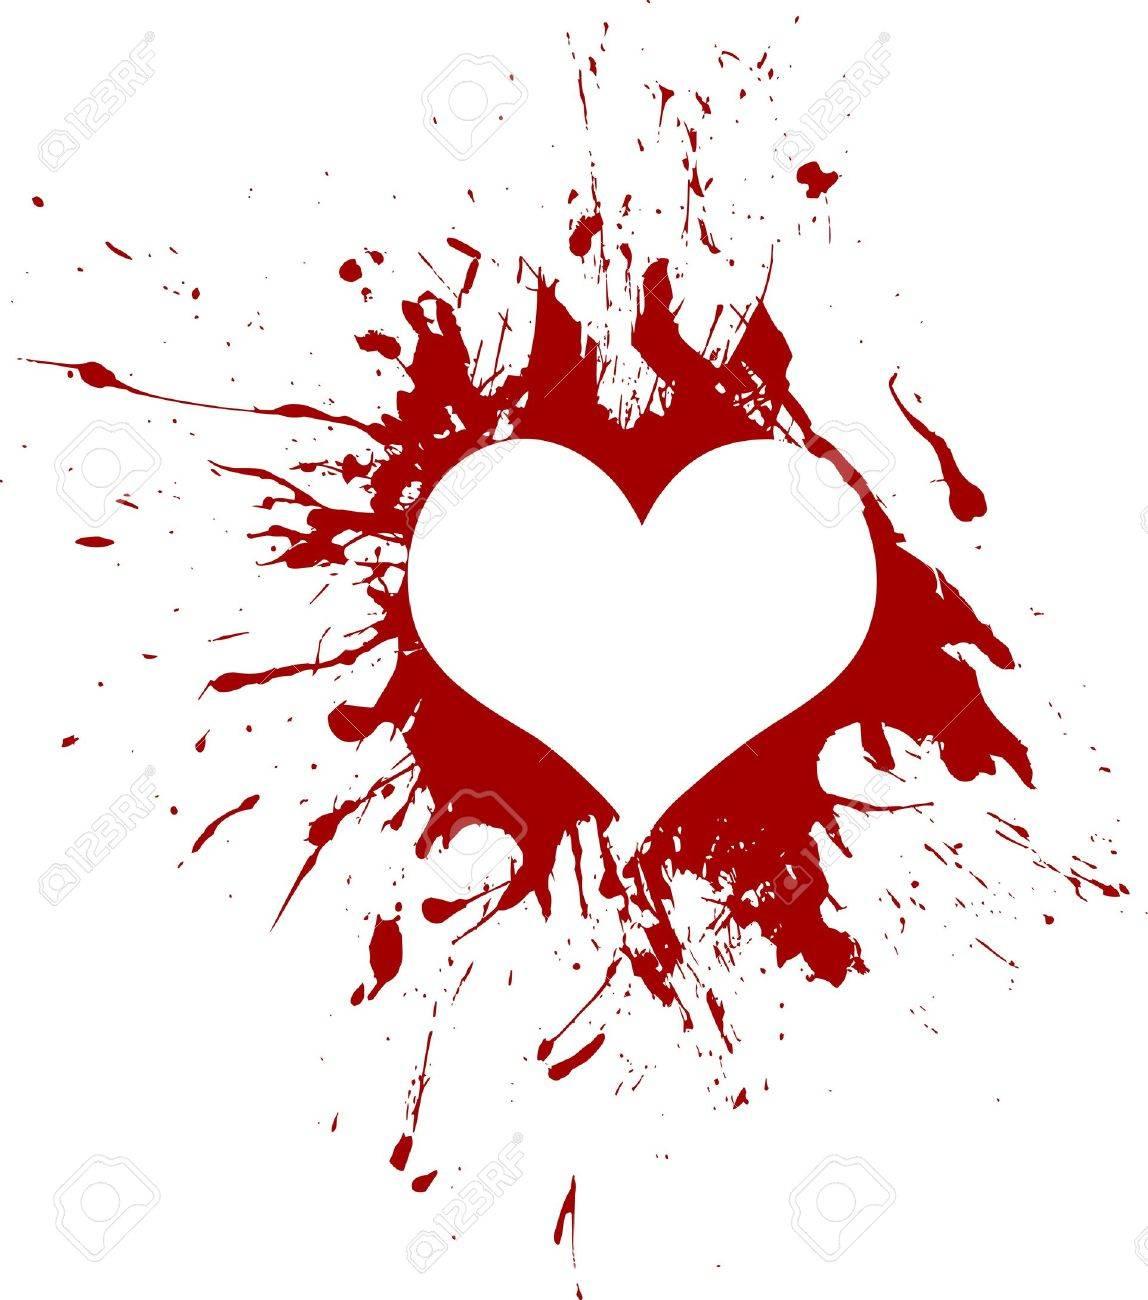 Red grunge heart - 12062308